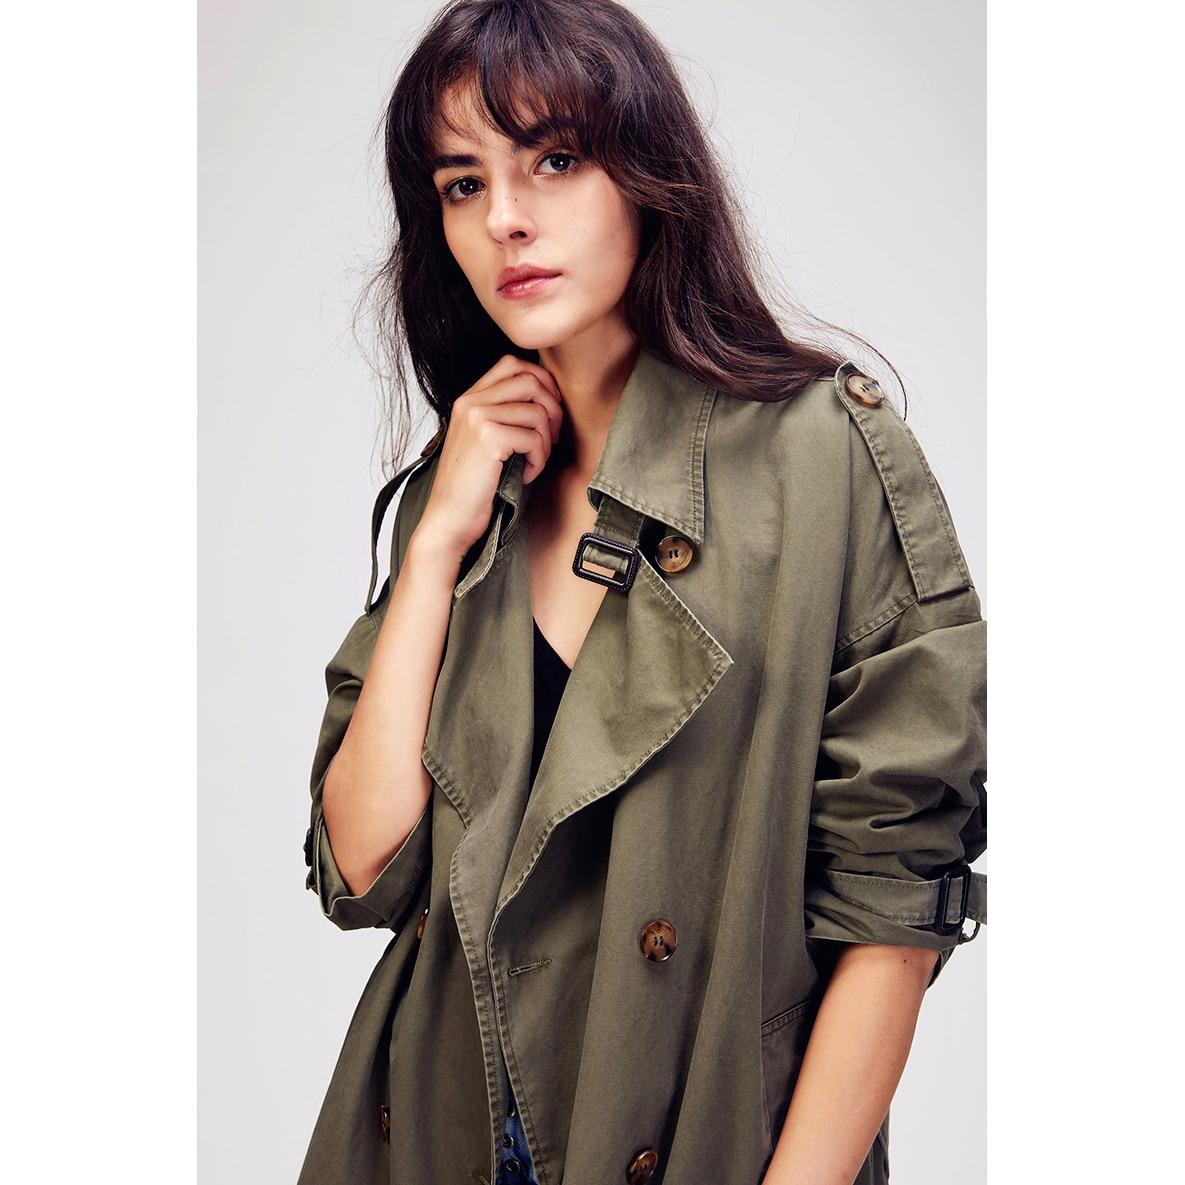 Delle Donne Autunno Abbigliamento Petto Outwear Di Dell'esercito Nuove Lavato 2018 Trincea Cappotto Allentato Oversize Verde Jazzevar Doppio cachi Vintage Casual rsdhCtQ